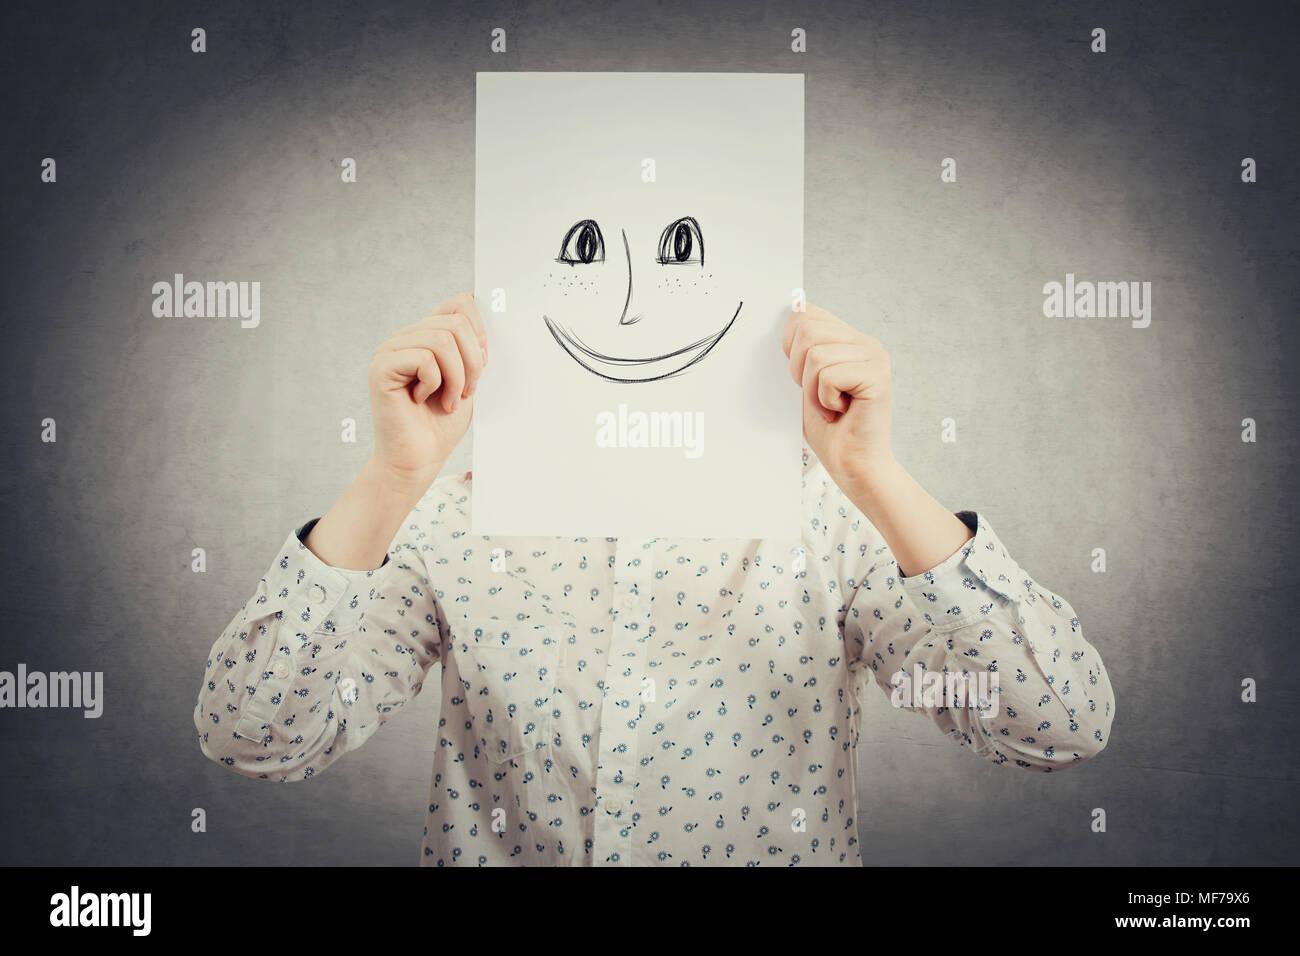 Junge Geschäftsfrau, die ihr Gesicht mit einem Blatt mit glücklichen, lächelnden Emoticon skizzieren, wie eine Maske ihre wahre Emotion aus der Gesellschaft zu verstecken. Crea Stockbild